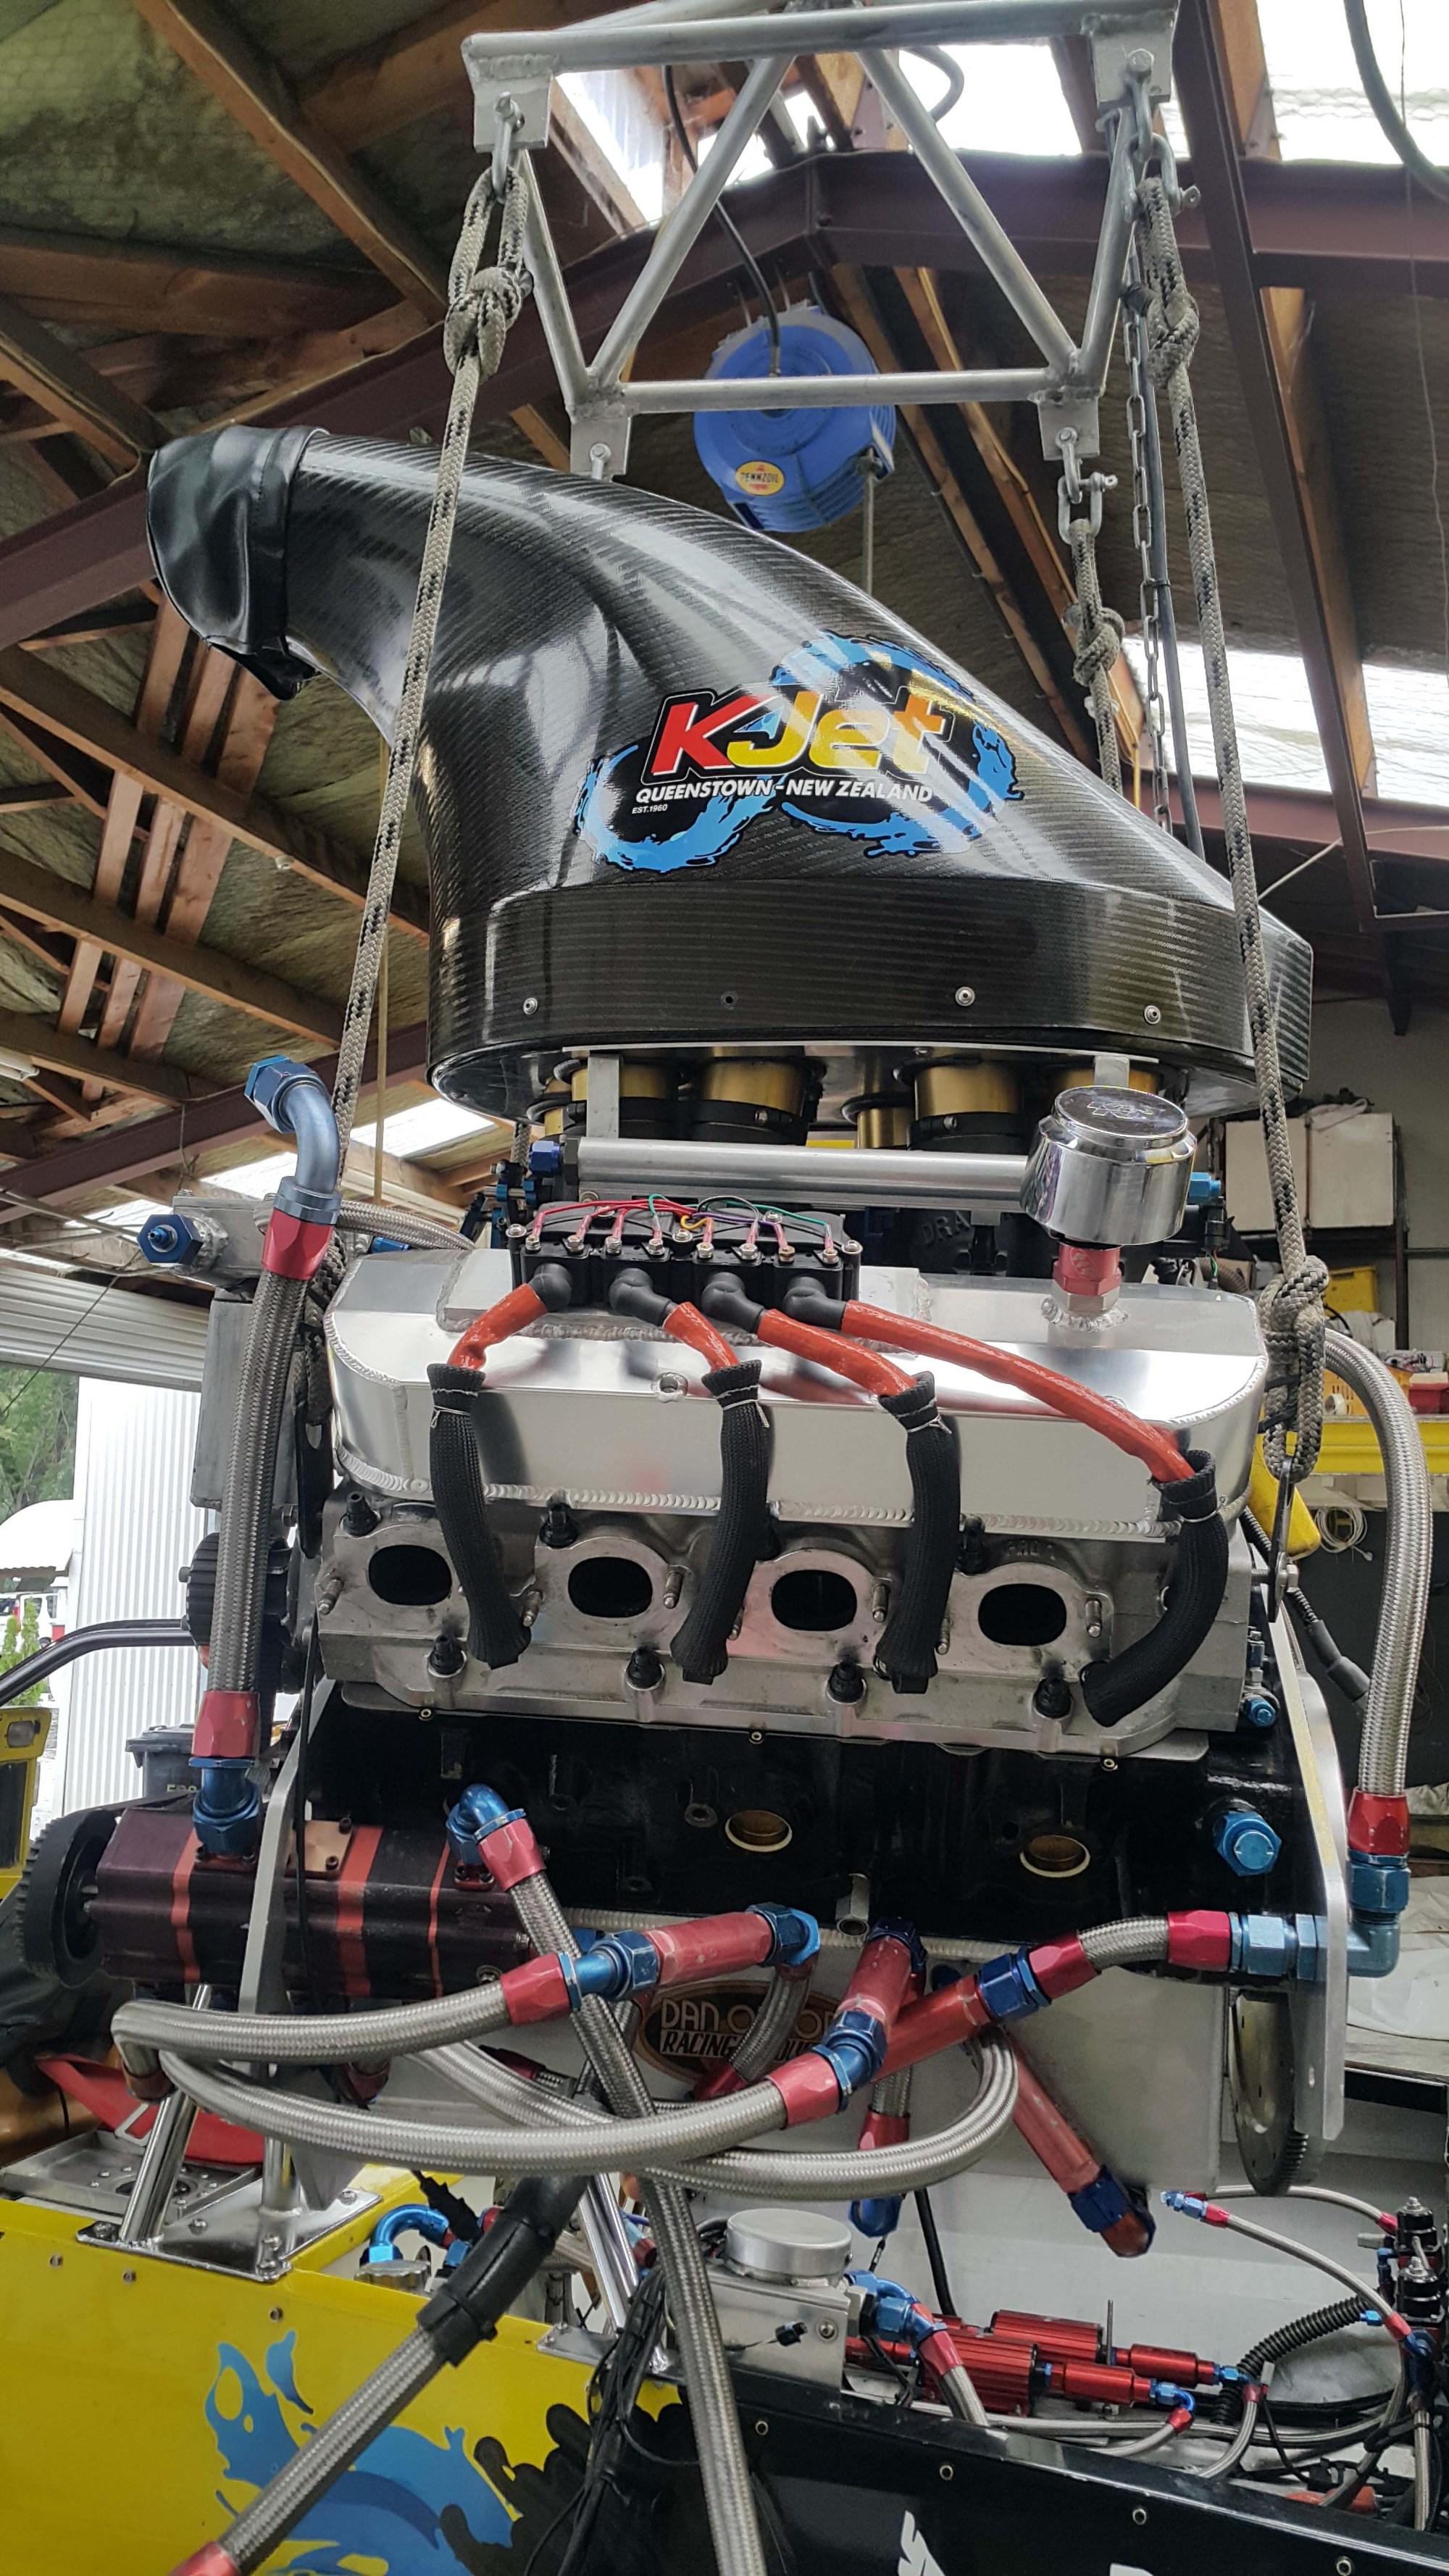 hight resolution of kjet boat engine